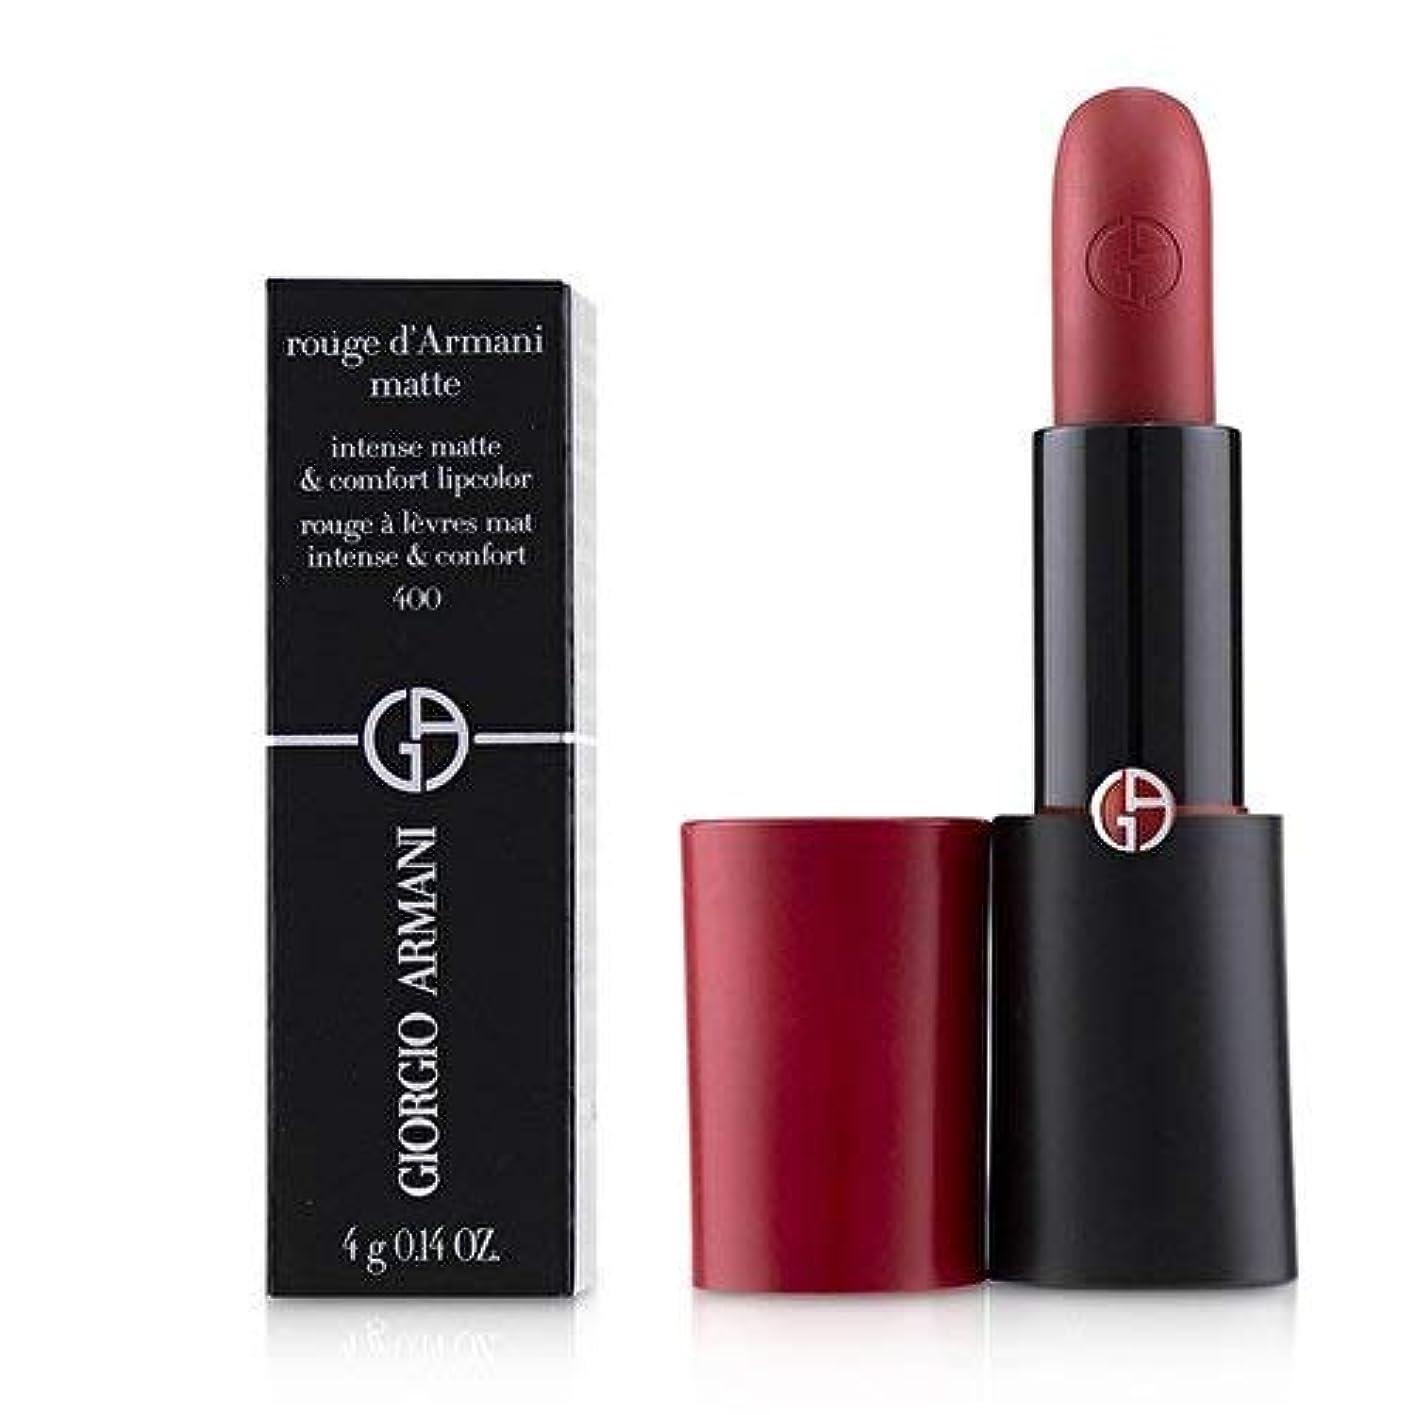 アイドル少なくとも地元ジョルジオアルマーニ Rouge D'Armani Matte Intense Matte & Comfort Lipcolor - # 400 Four Hundred 4g/0.14oz並行輸入品